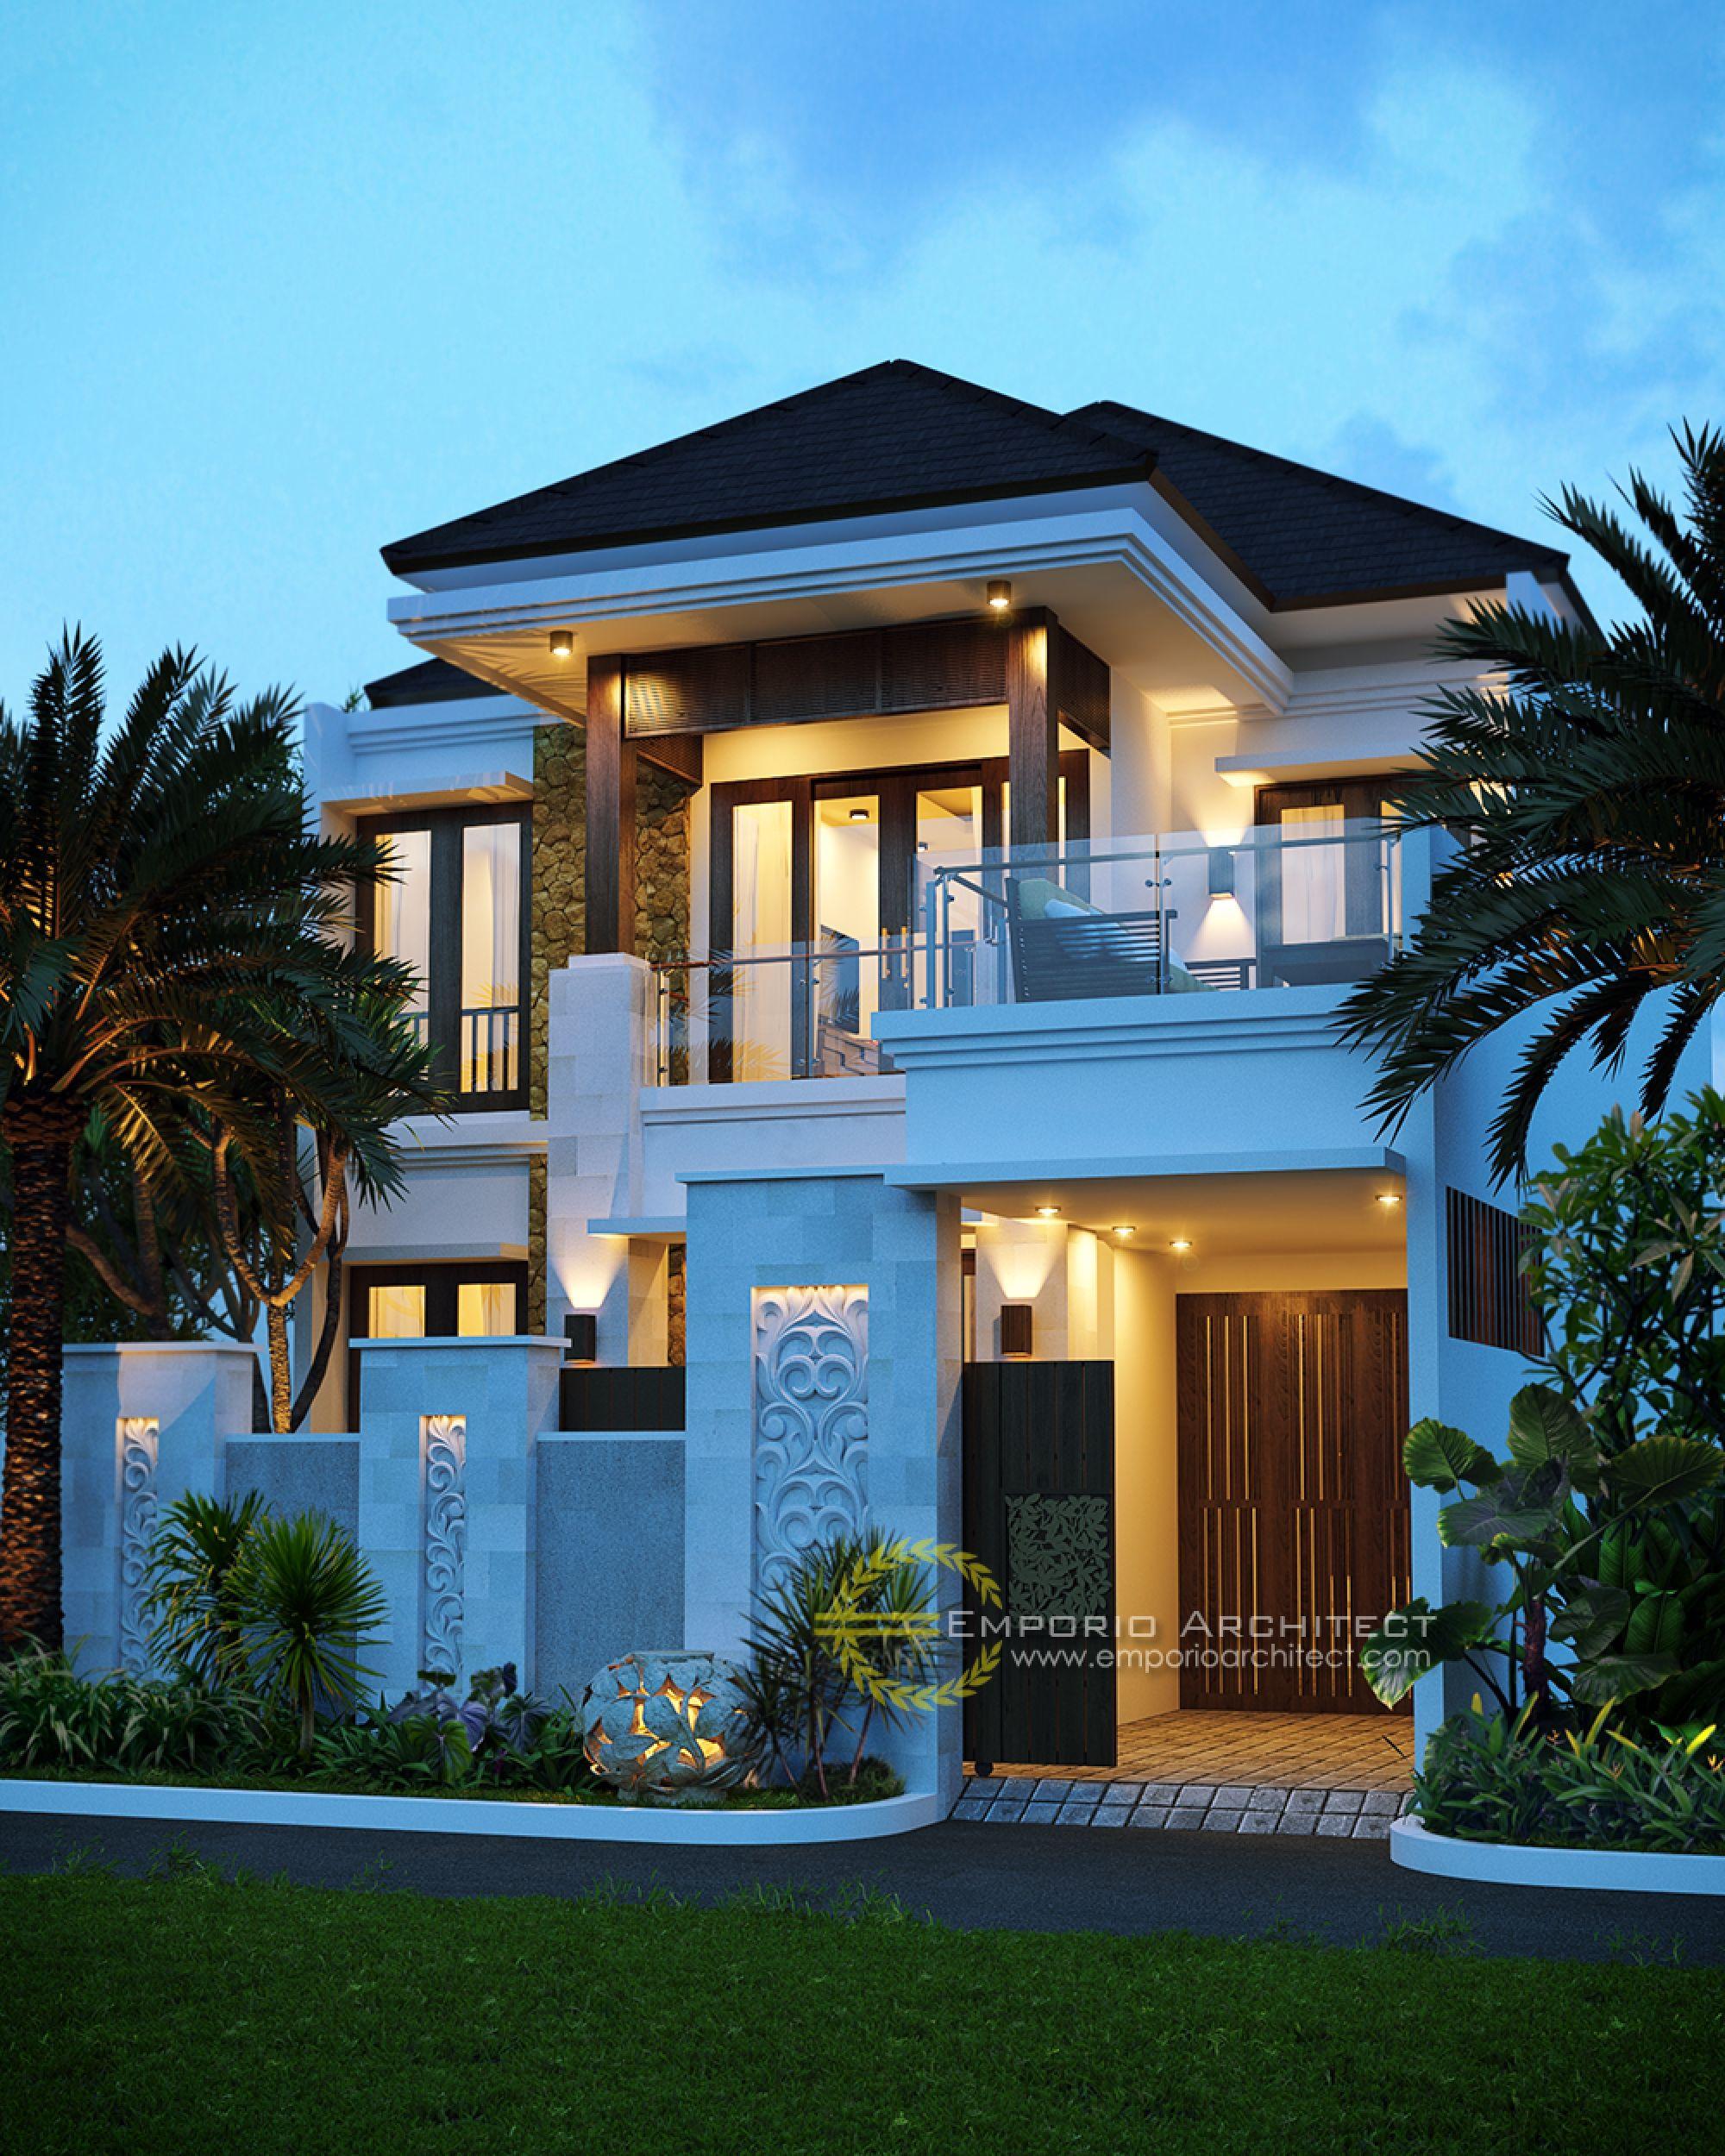 Jasa Arsitek Desain Rumah Bapak Arvey Rumah Arsitektur Desain Rumah Eksterior Arsitektur Rumah